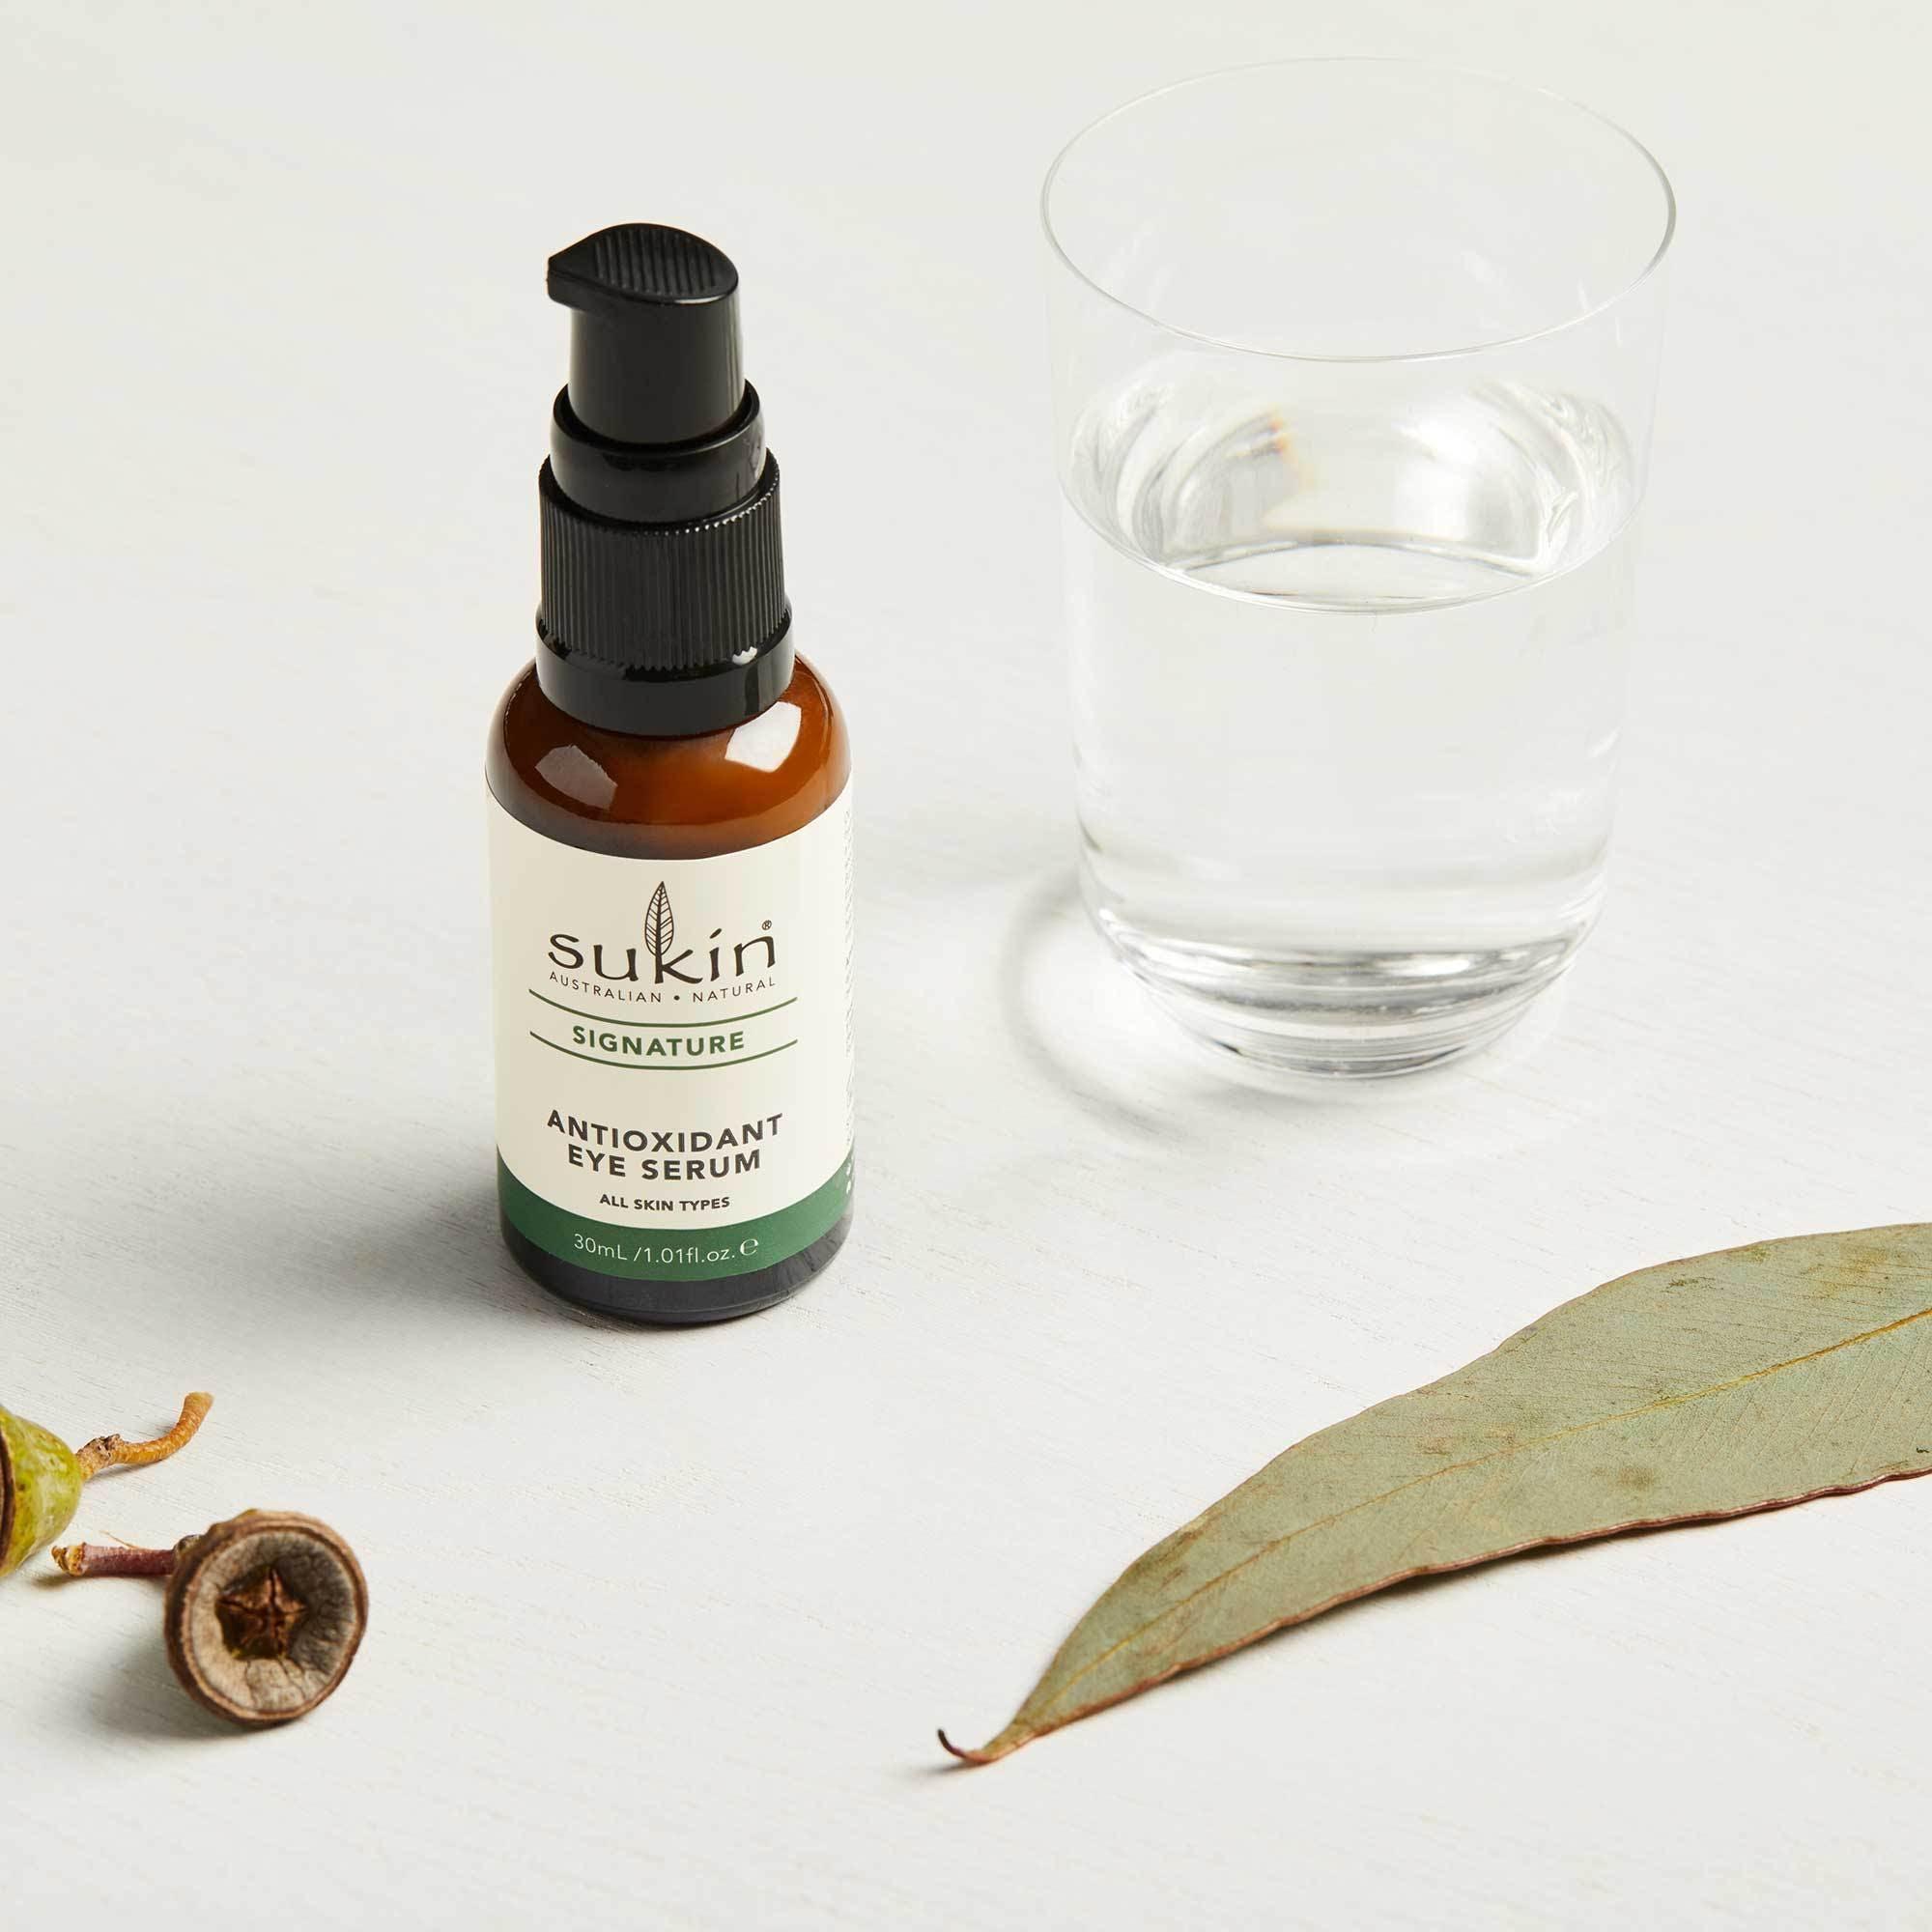 sukin eye cream in glass bottle